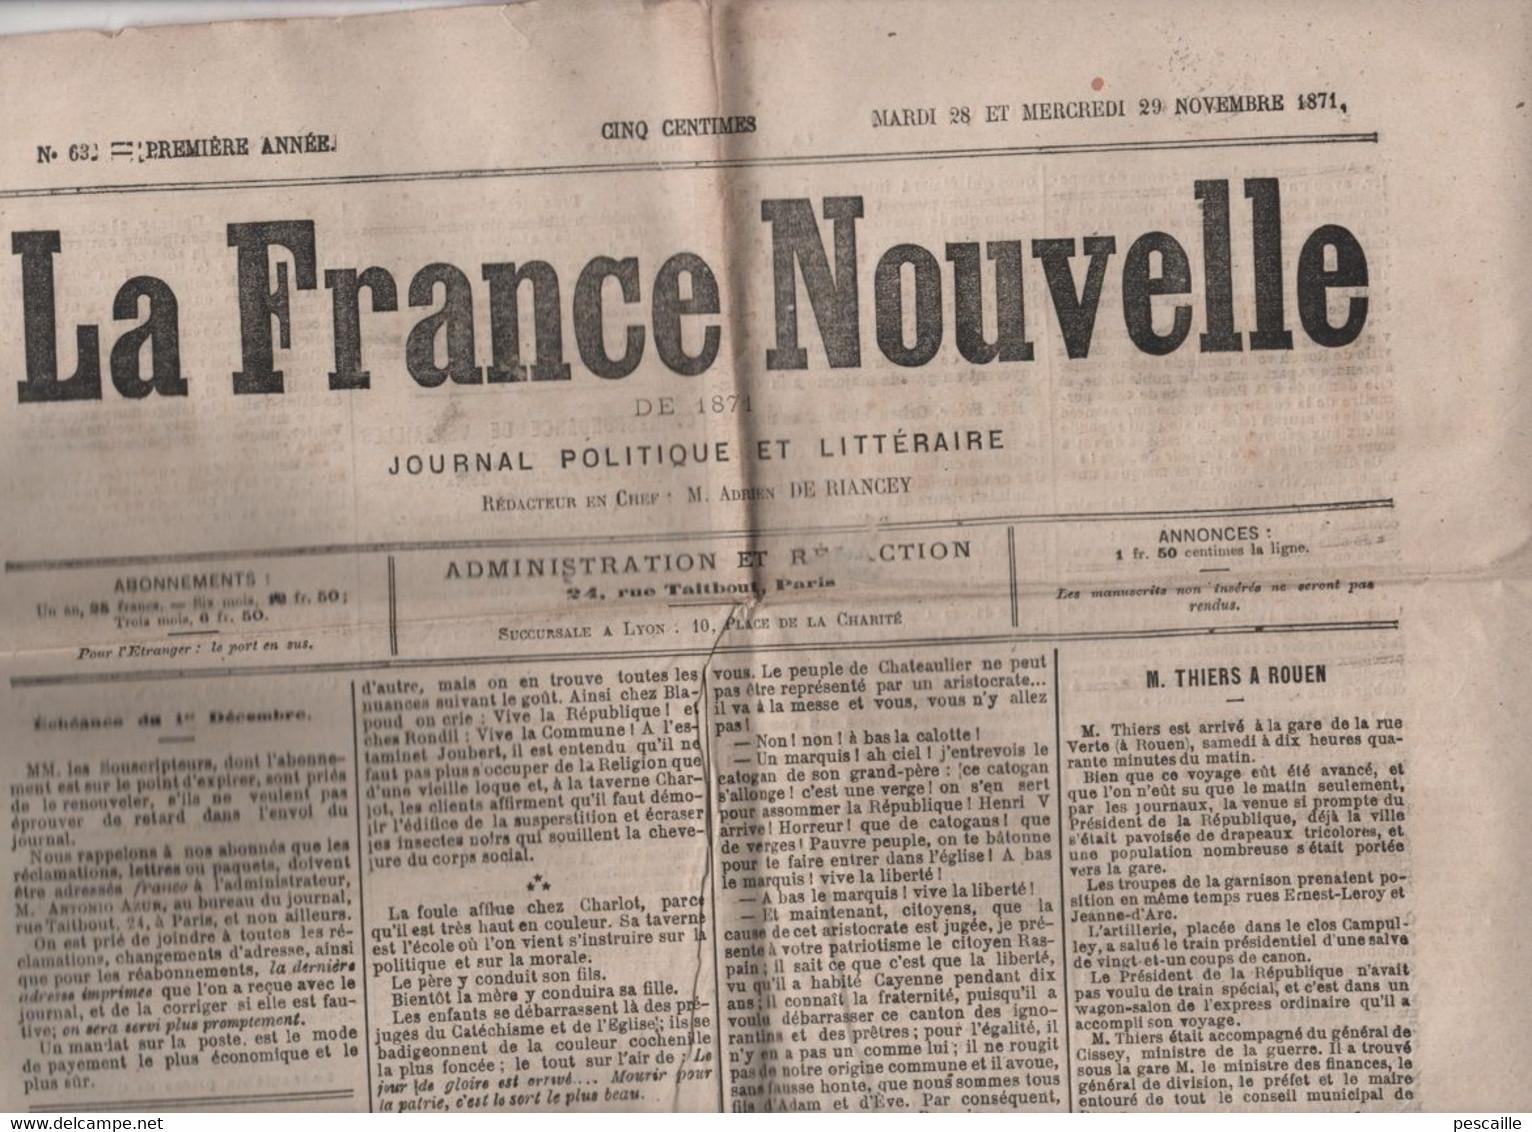 LA FRANCE NOUVELLE 28 11 1871 - THIERS A ROUEN - VERSAILLES - SETE - BERLIN - ANTICLERICALISME - COMMUNARDS DEPORTES - 1850 - 1899